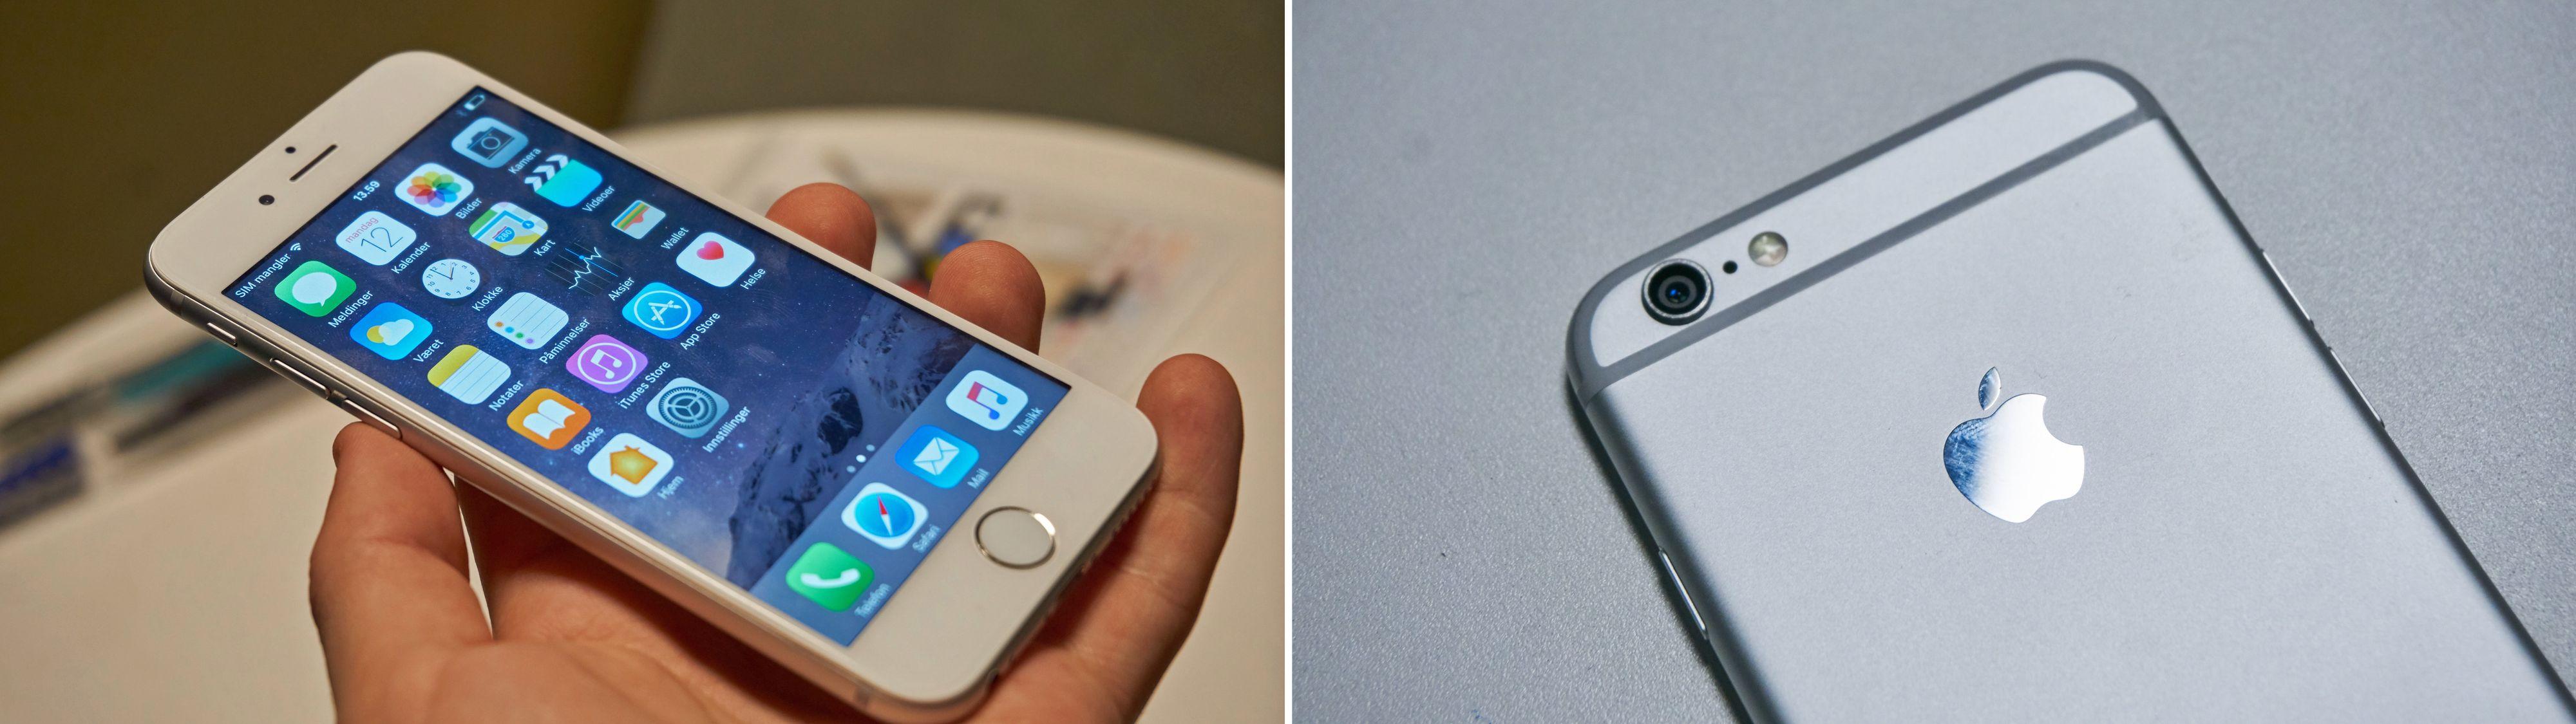 Denne iPhone 6-en har vært testkanin i mang en reparasjonsguide her på huset – og er stadig klar for nye eventyr!